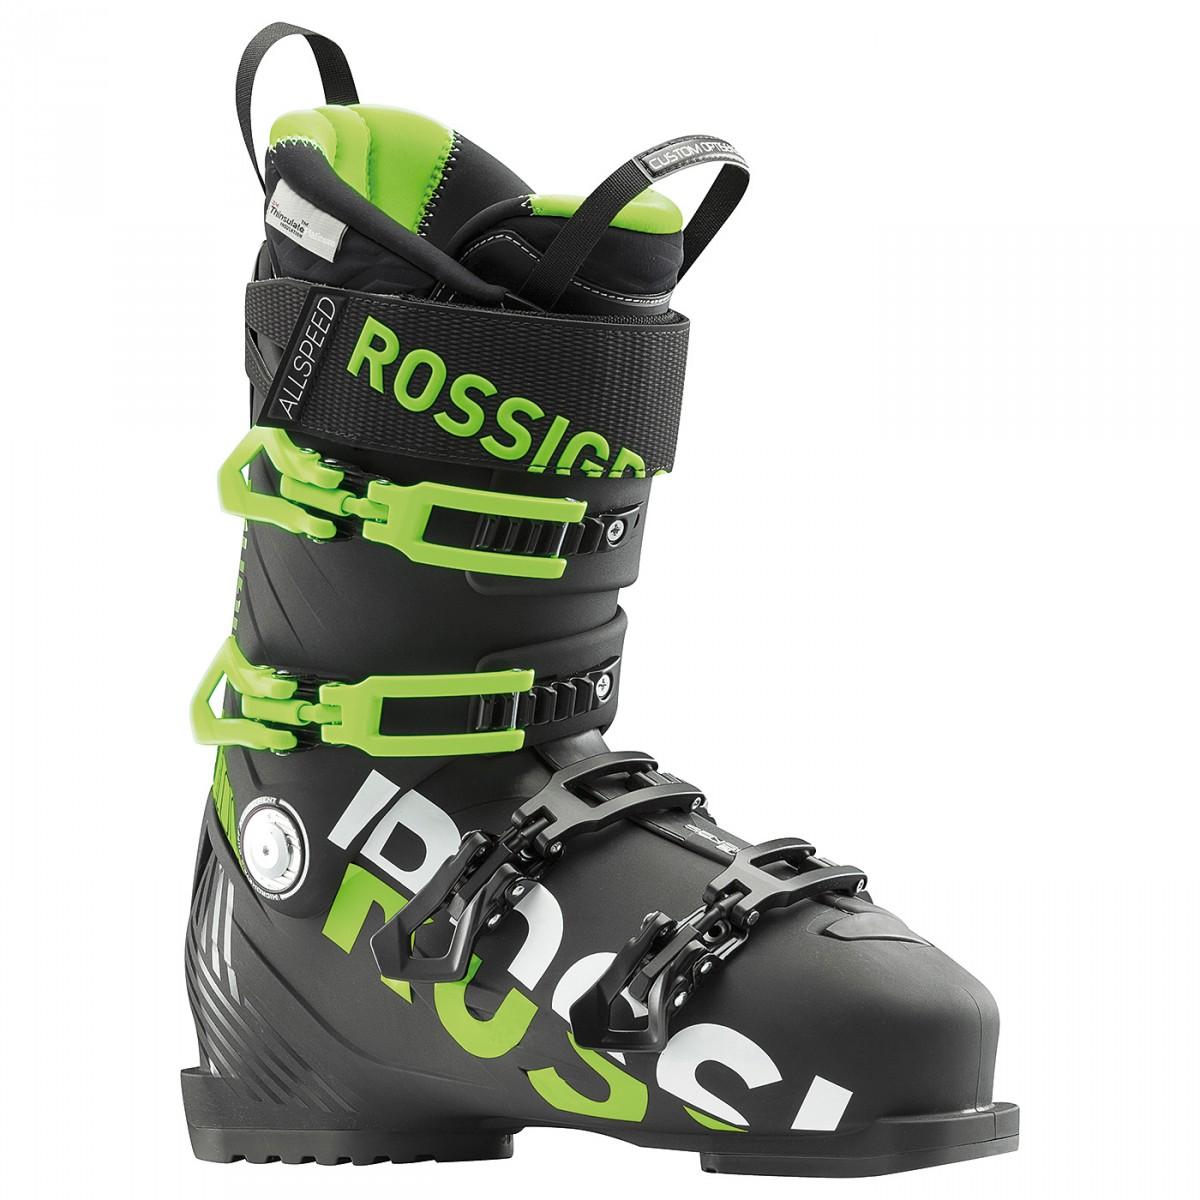 Scarponi sci Rossignol Allspeed Pro 100 (Colore: nero-verde, Taglia: 30.5)